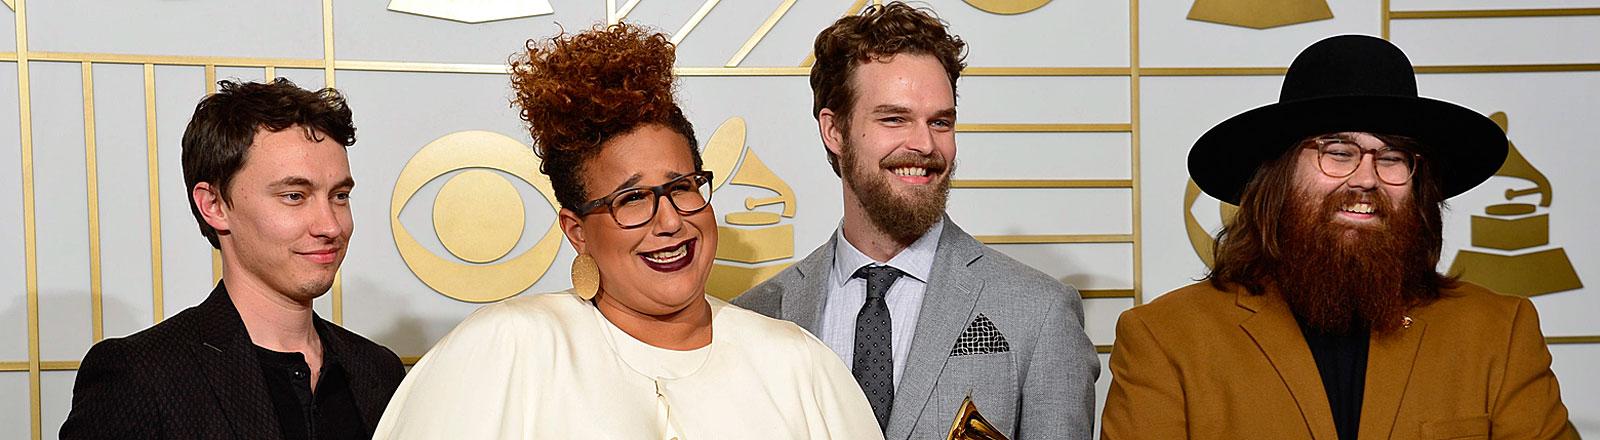 Alabama Shakes bei den Grammys 2016